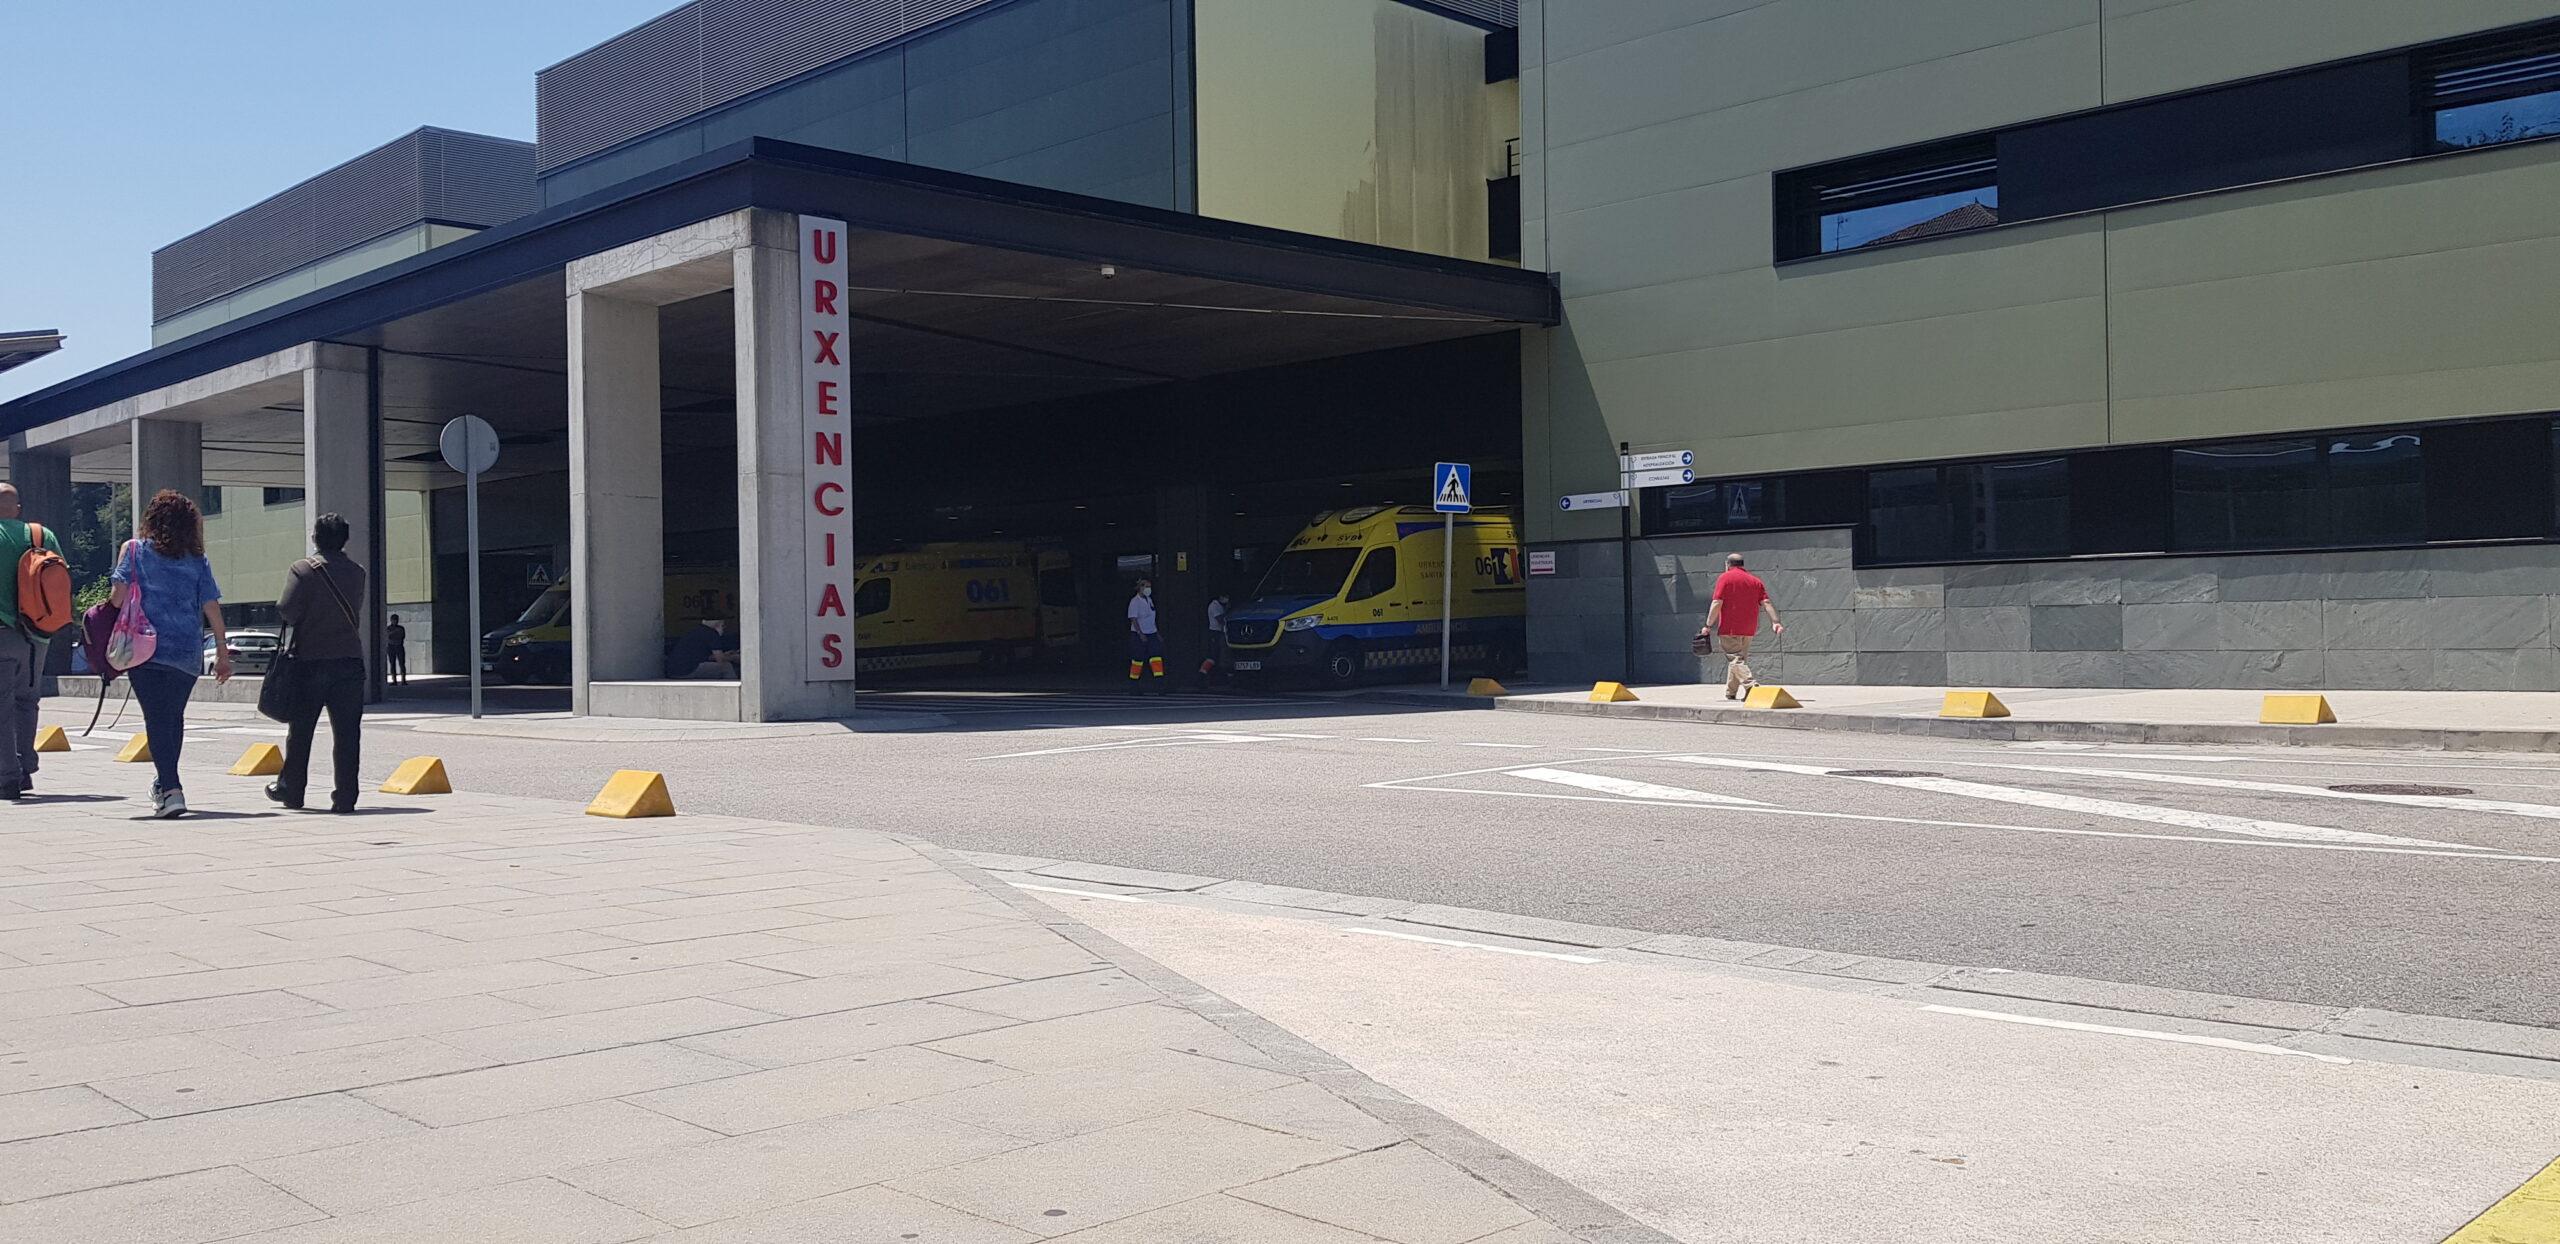 Urgencias Hospital Cunqueiro Vigo